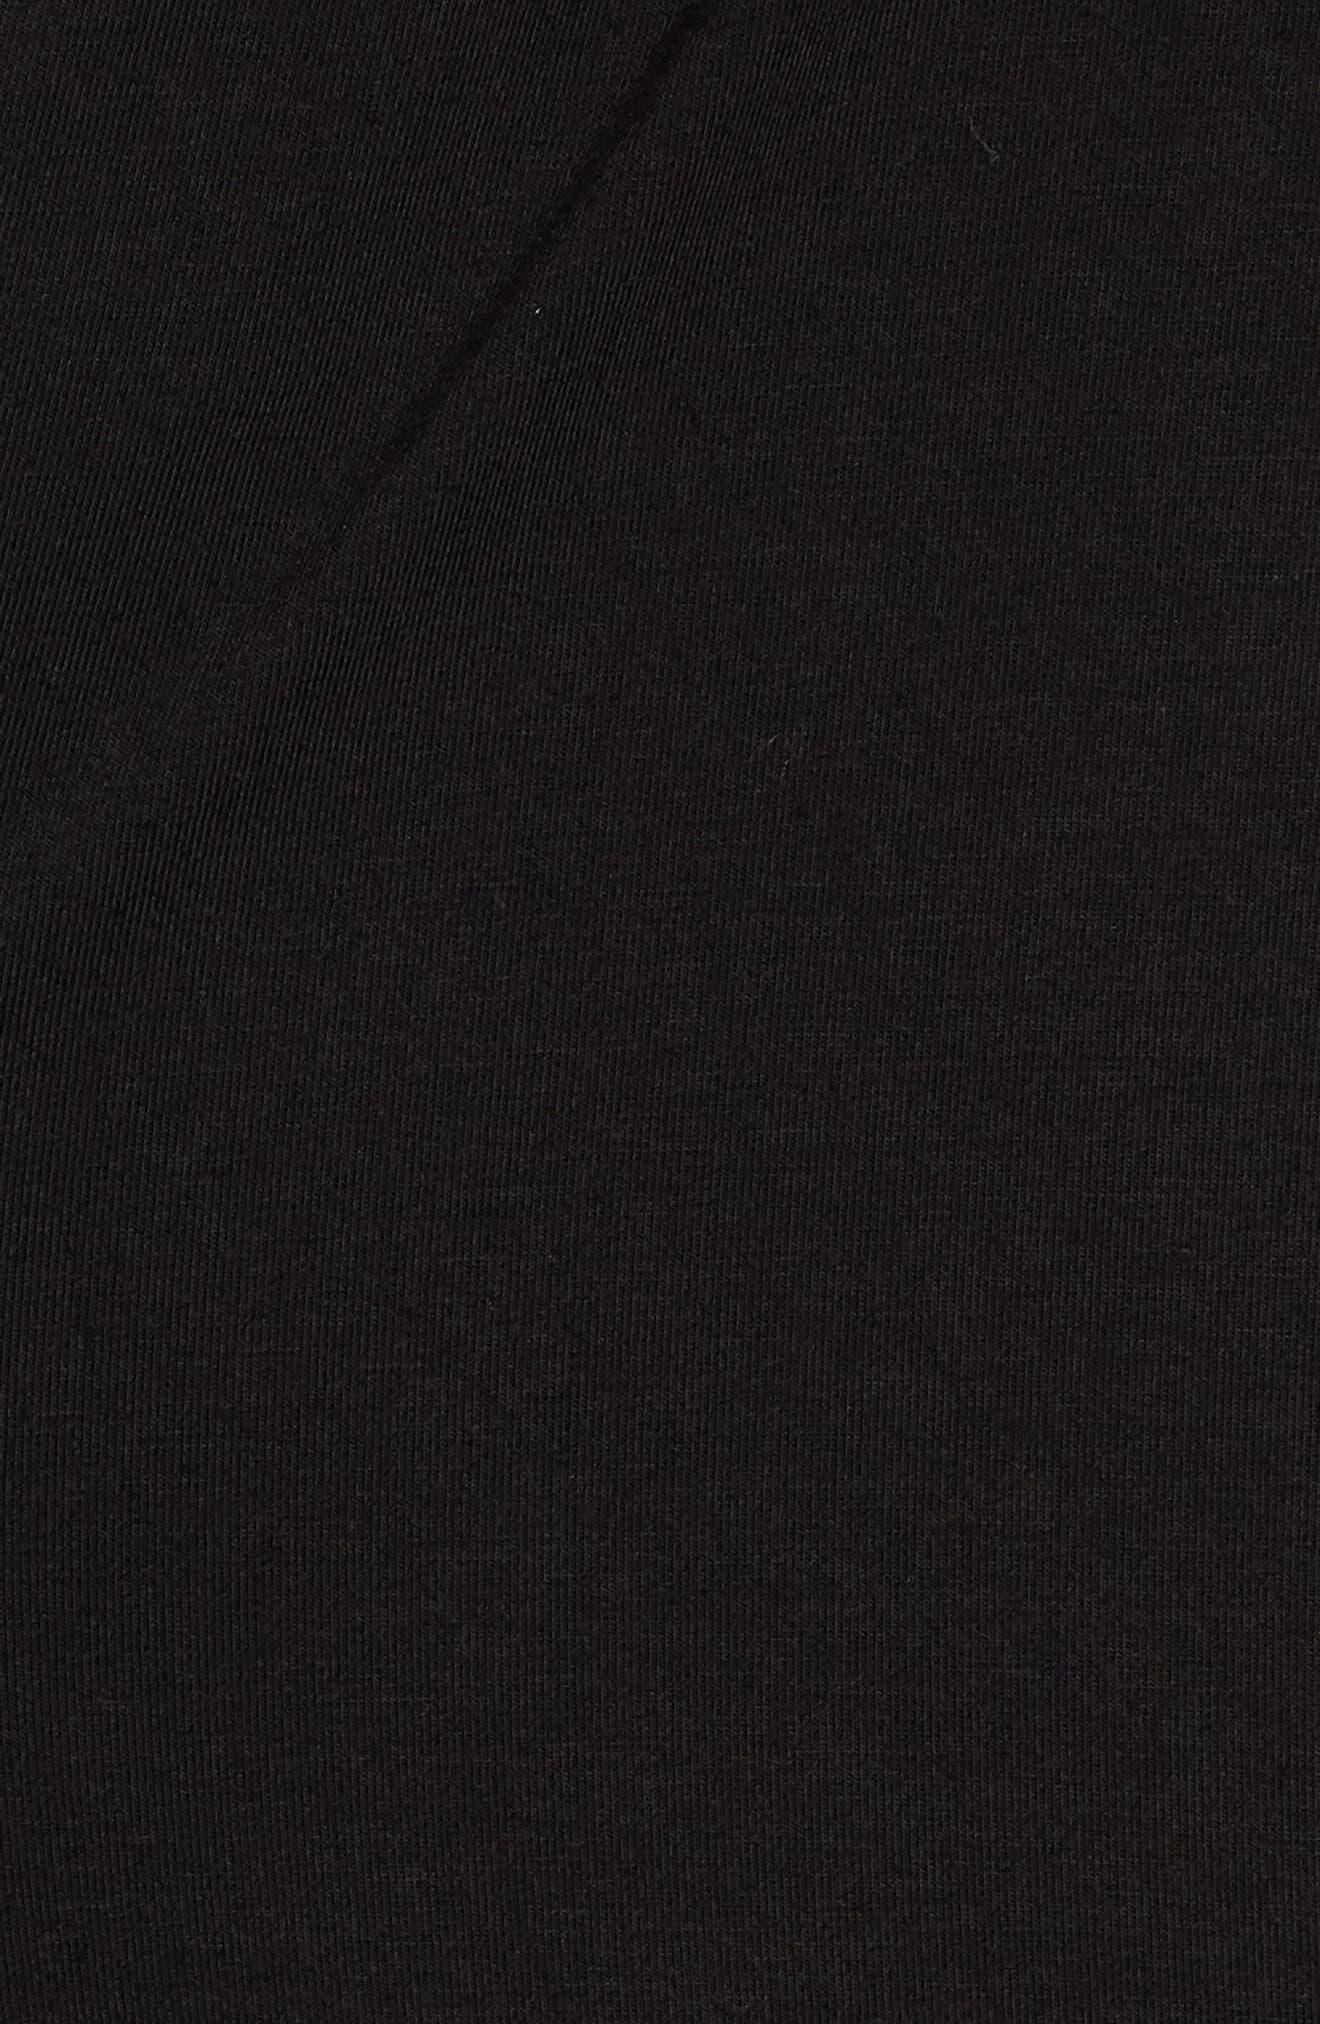 Knit Maxi Dress,                             Alternate thumbnail 5, color,                             001